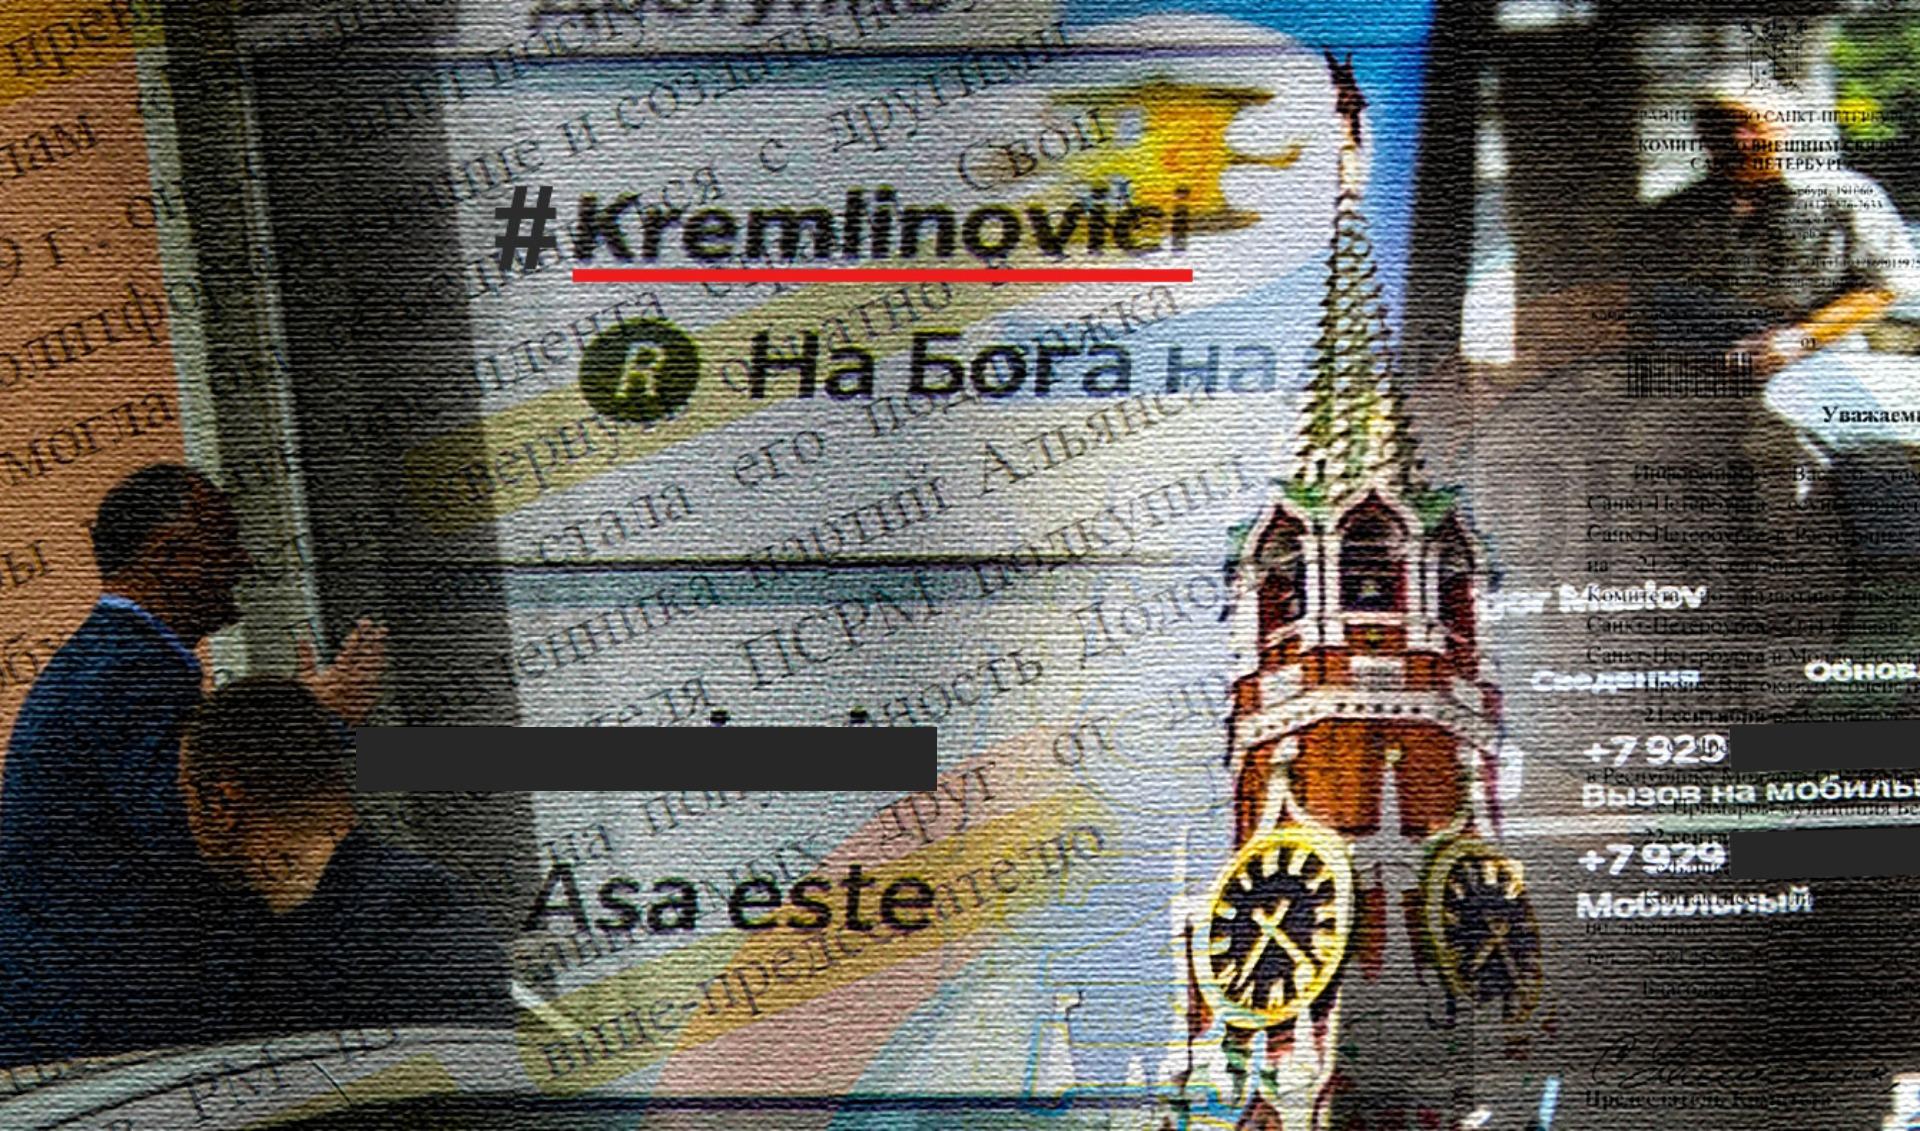 kremlinovici-story